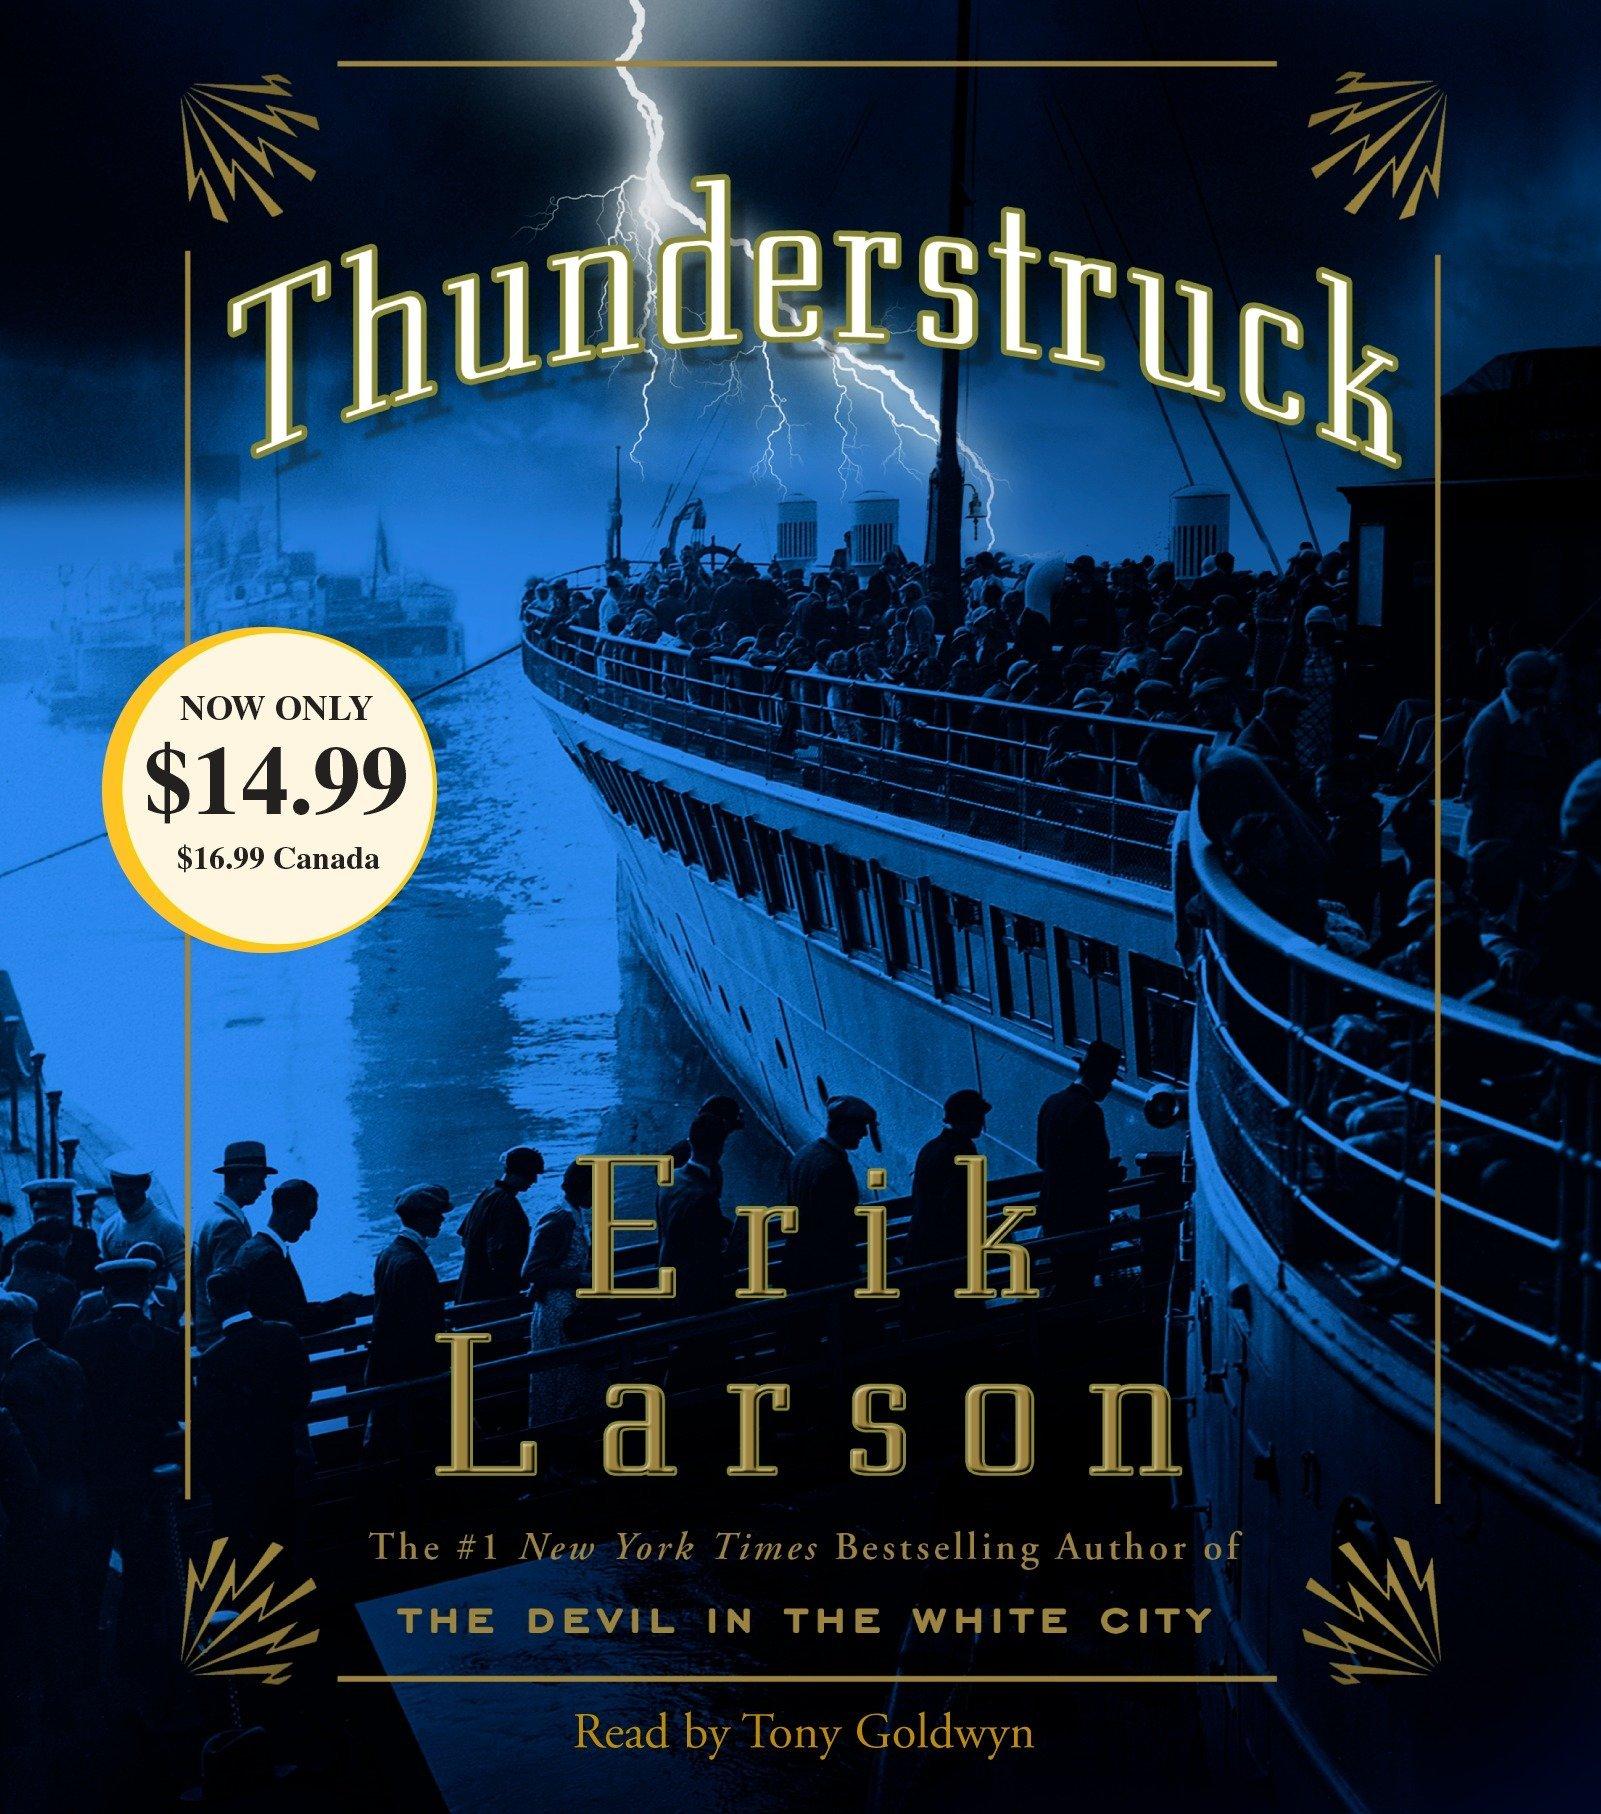 Thunderstruck: Amazon.co.uk: Erik Larson, Tony Goldwyn: 9780307914231: Books